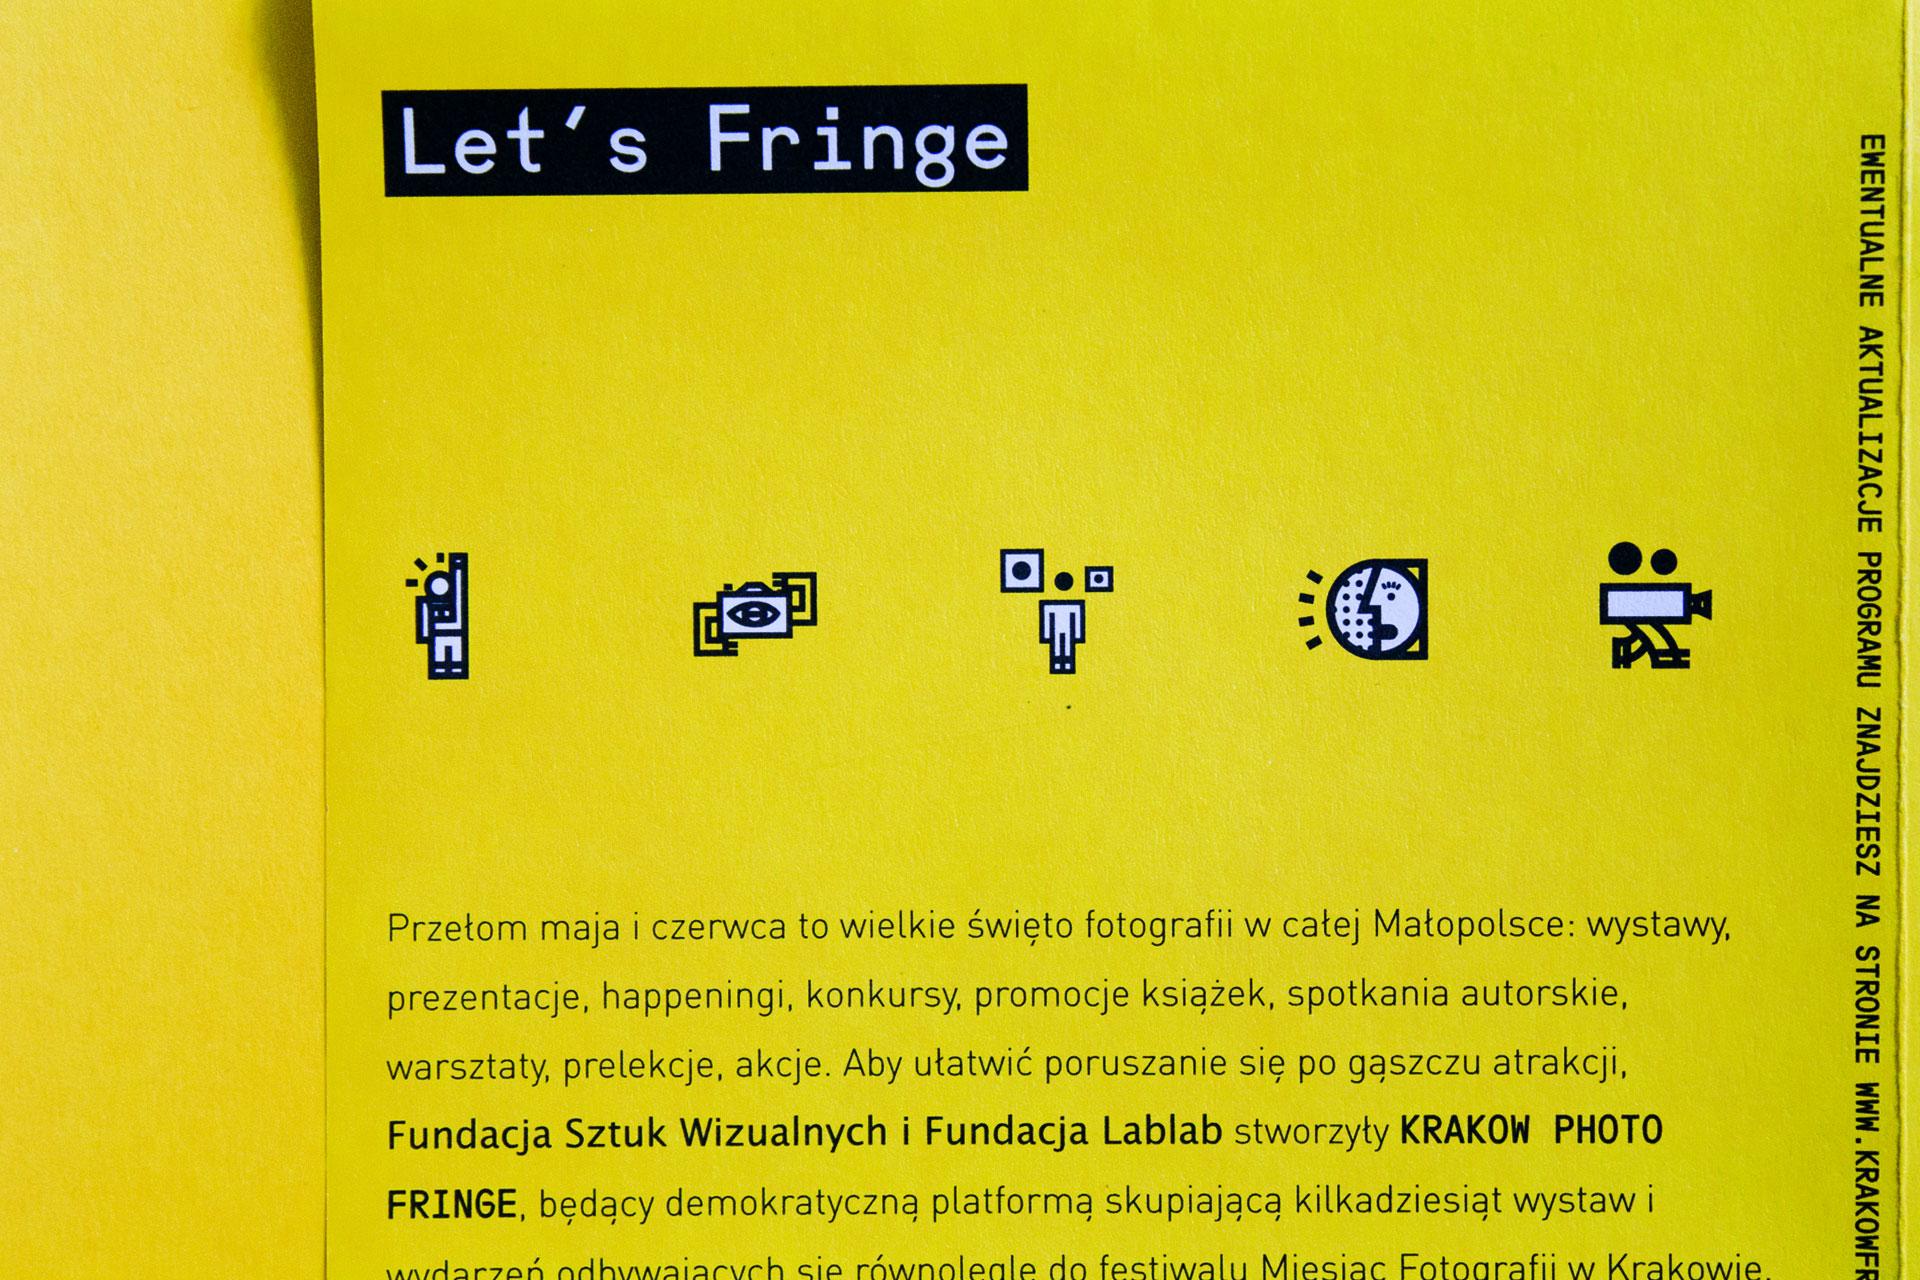 Photo Fringe (5)